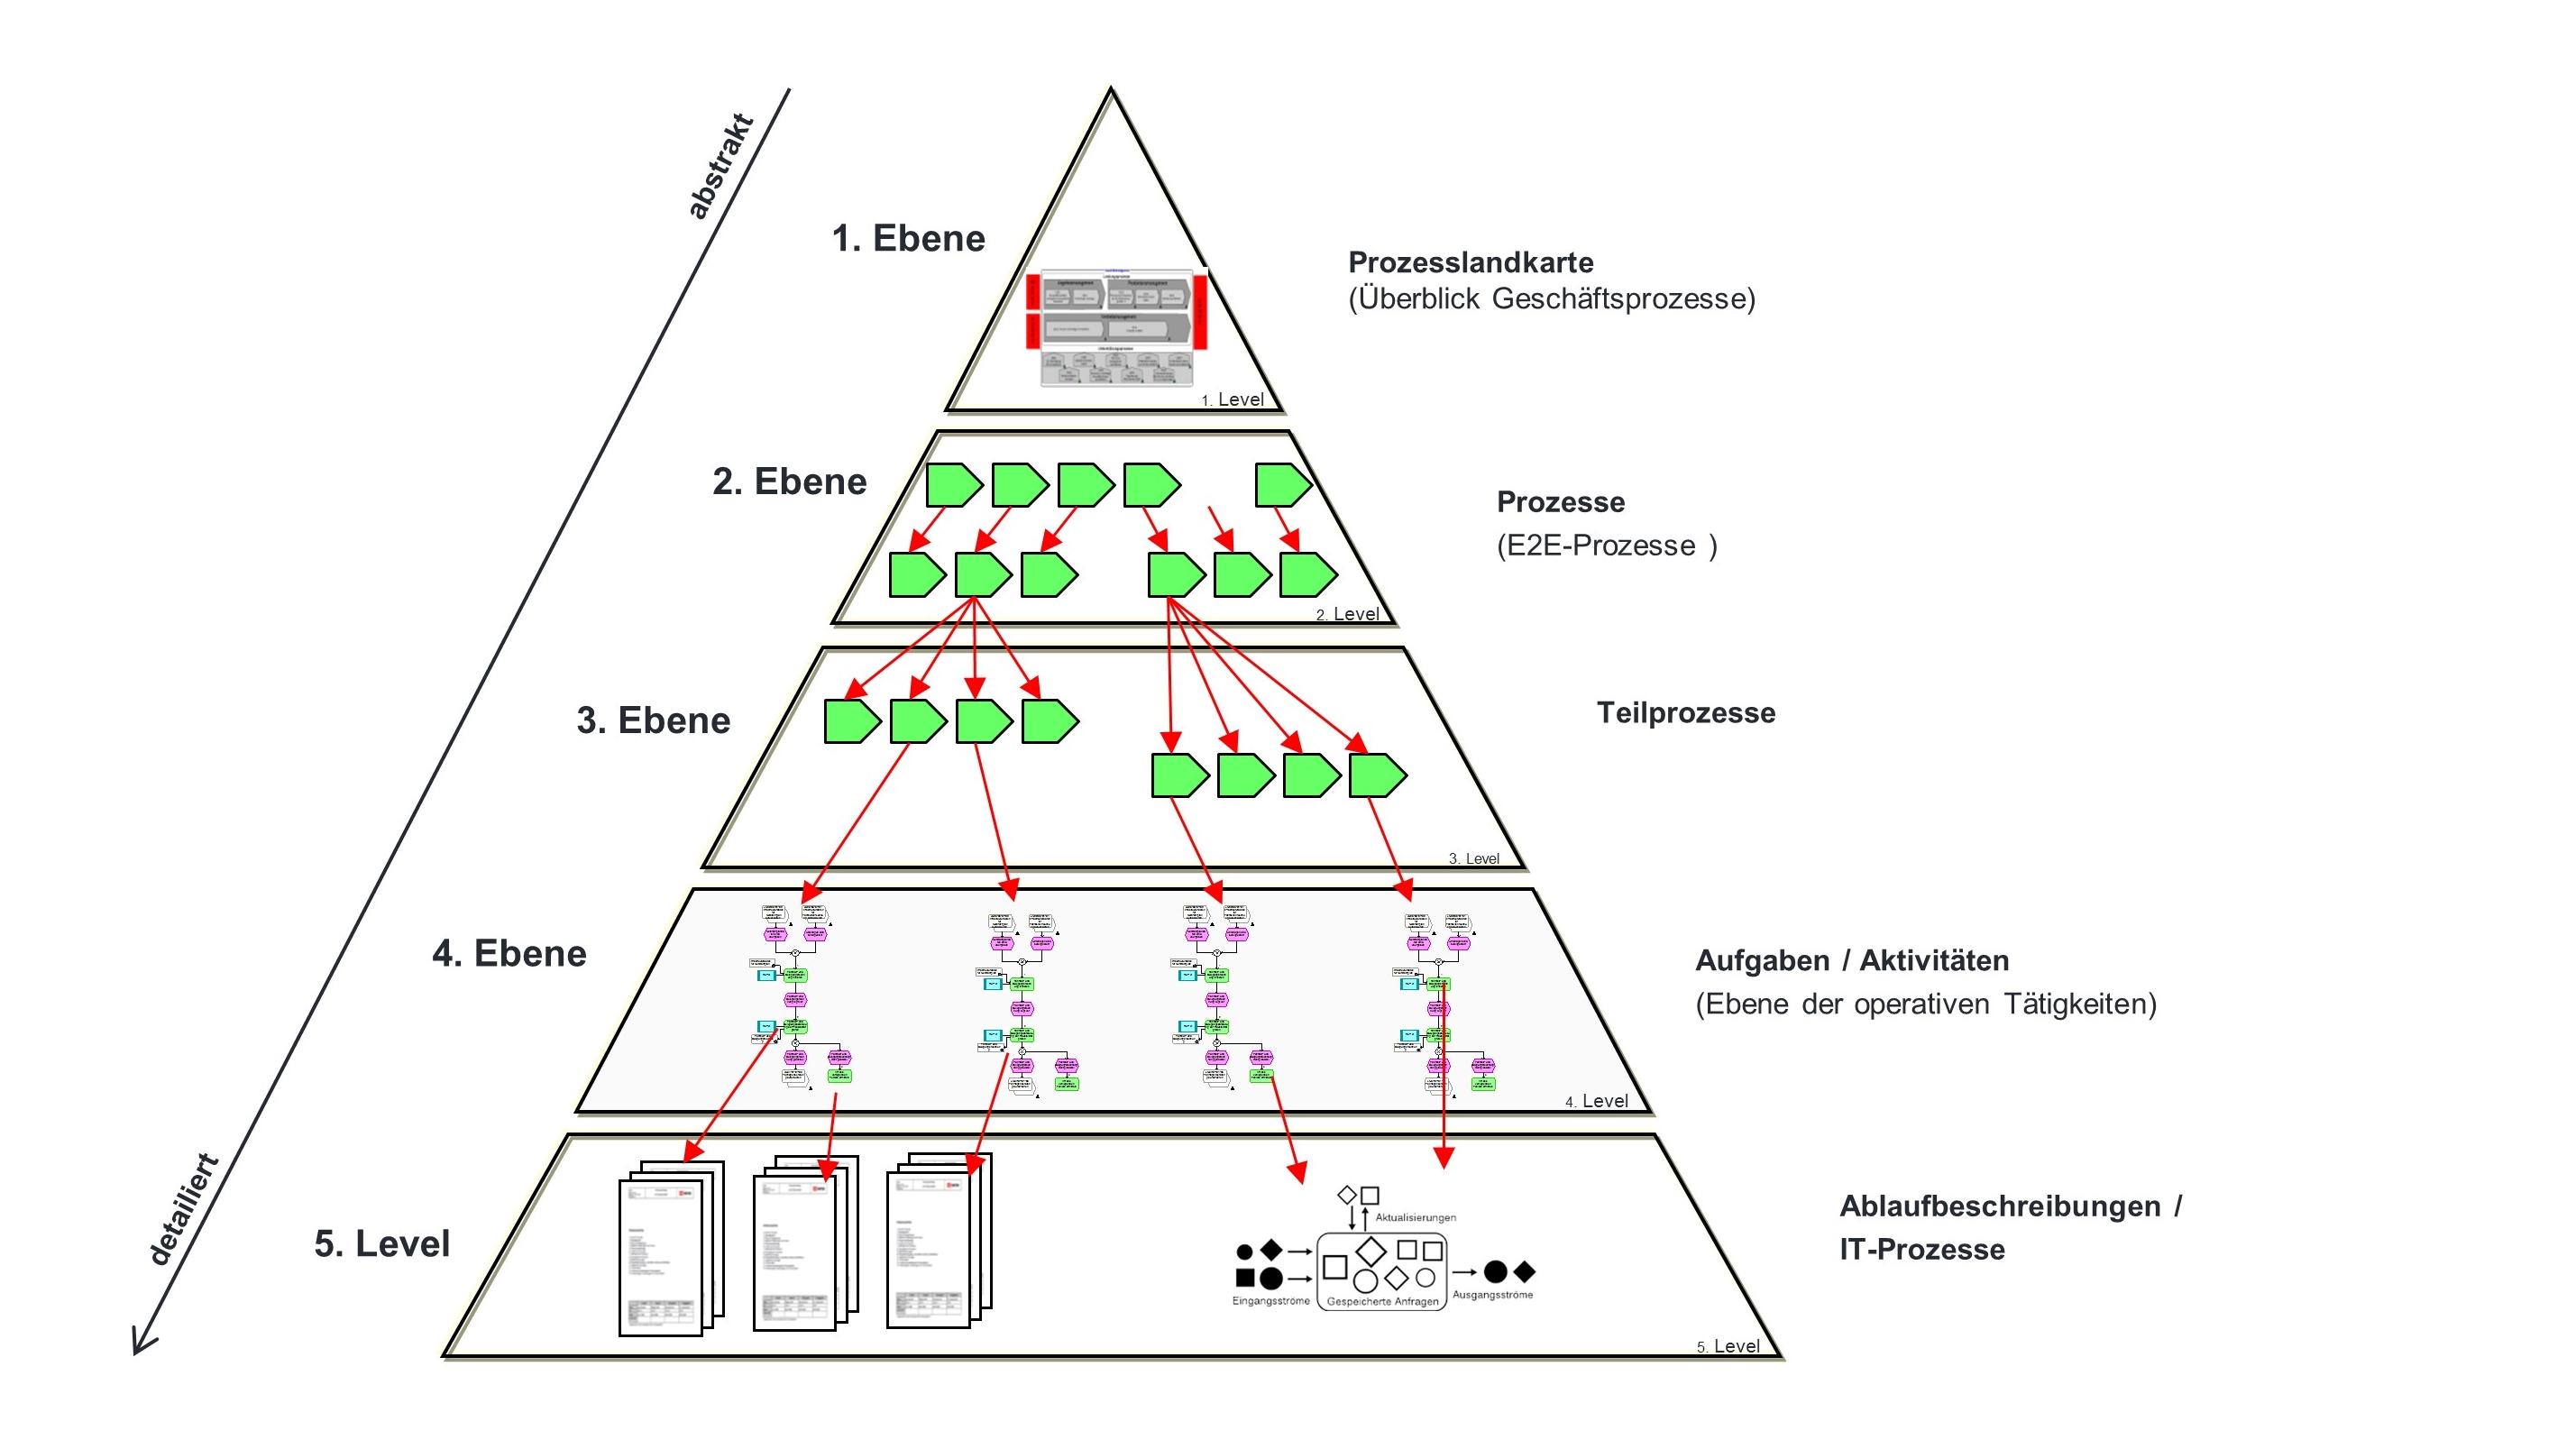 BPM in Theorie und Praxis: Die Illusion von Transparenz